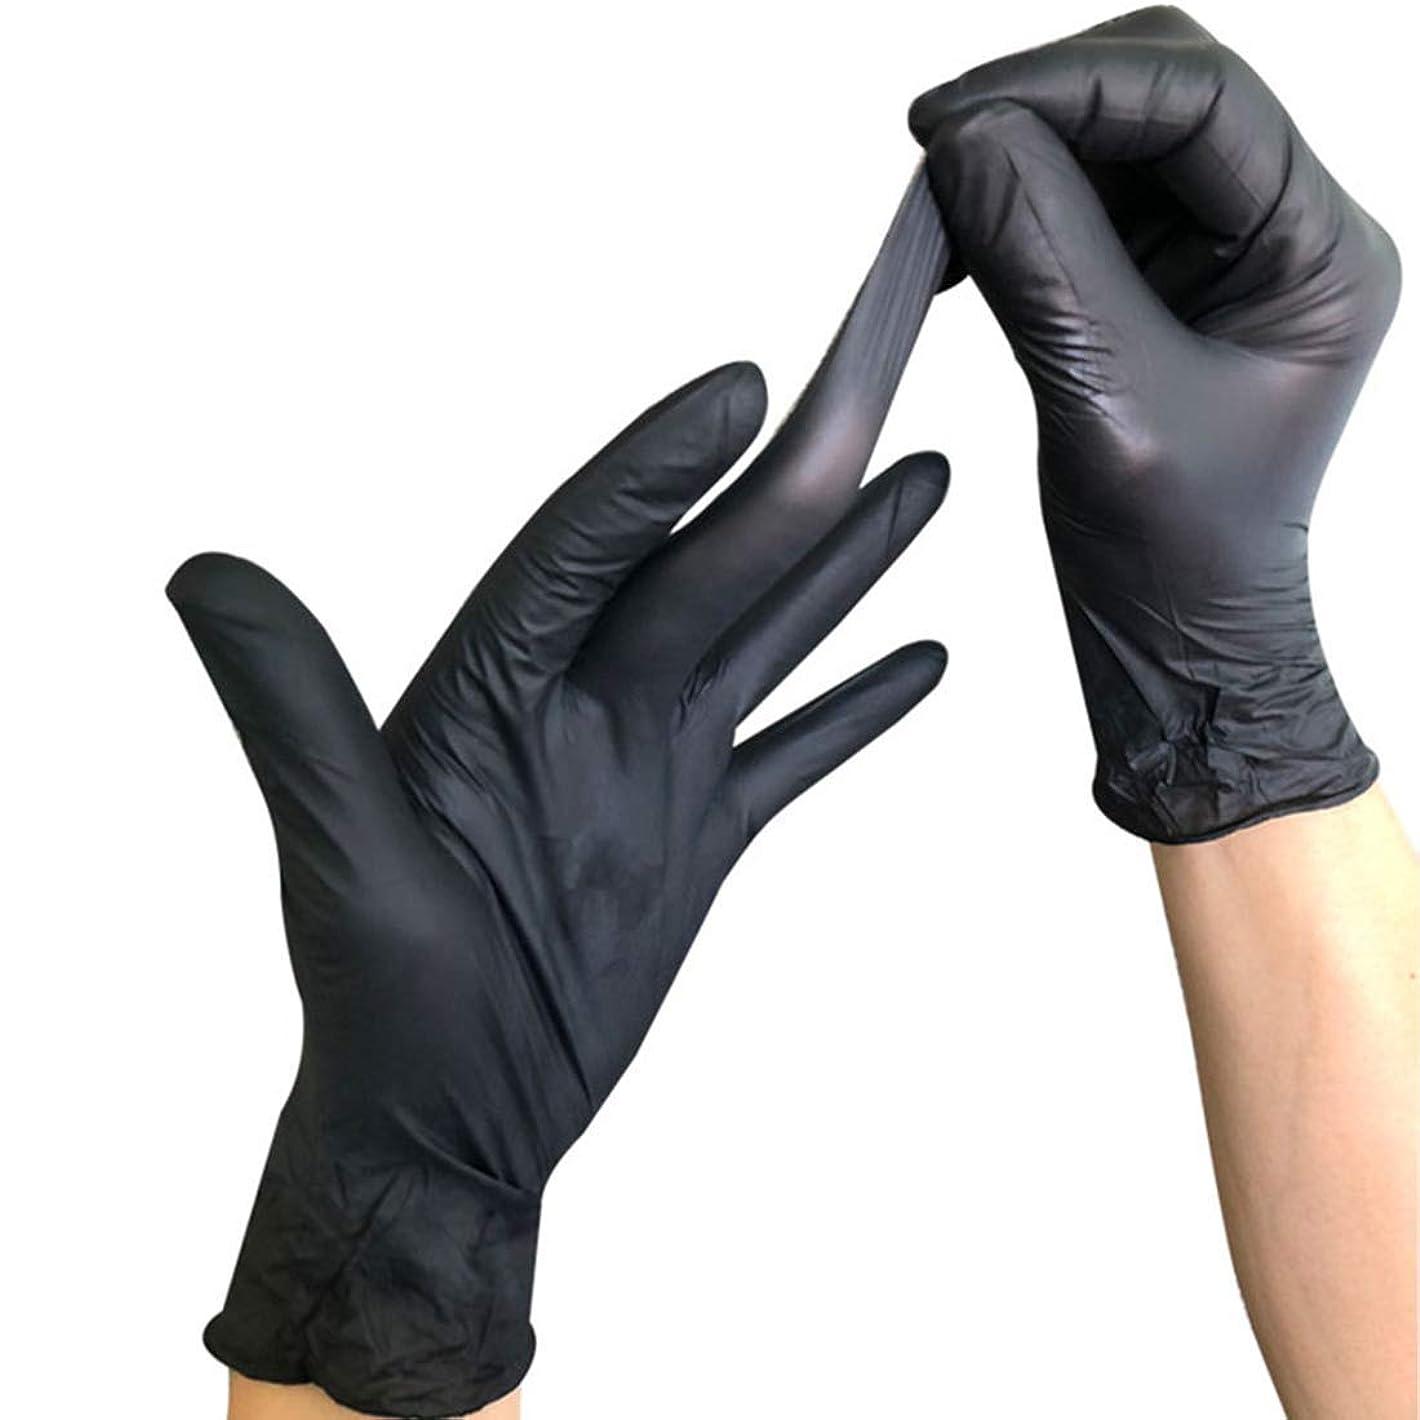 引退した不注意ペン使い捨て手袋 ニトリル手袋 厚手防水 耐油 耐久性が強い上に軽く高品質黒 100枚